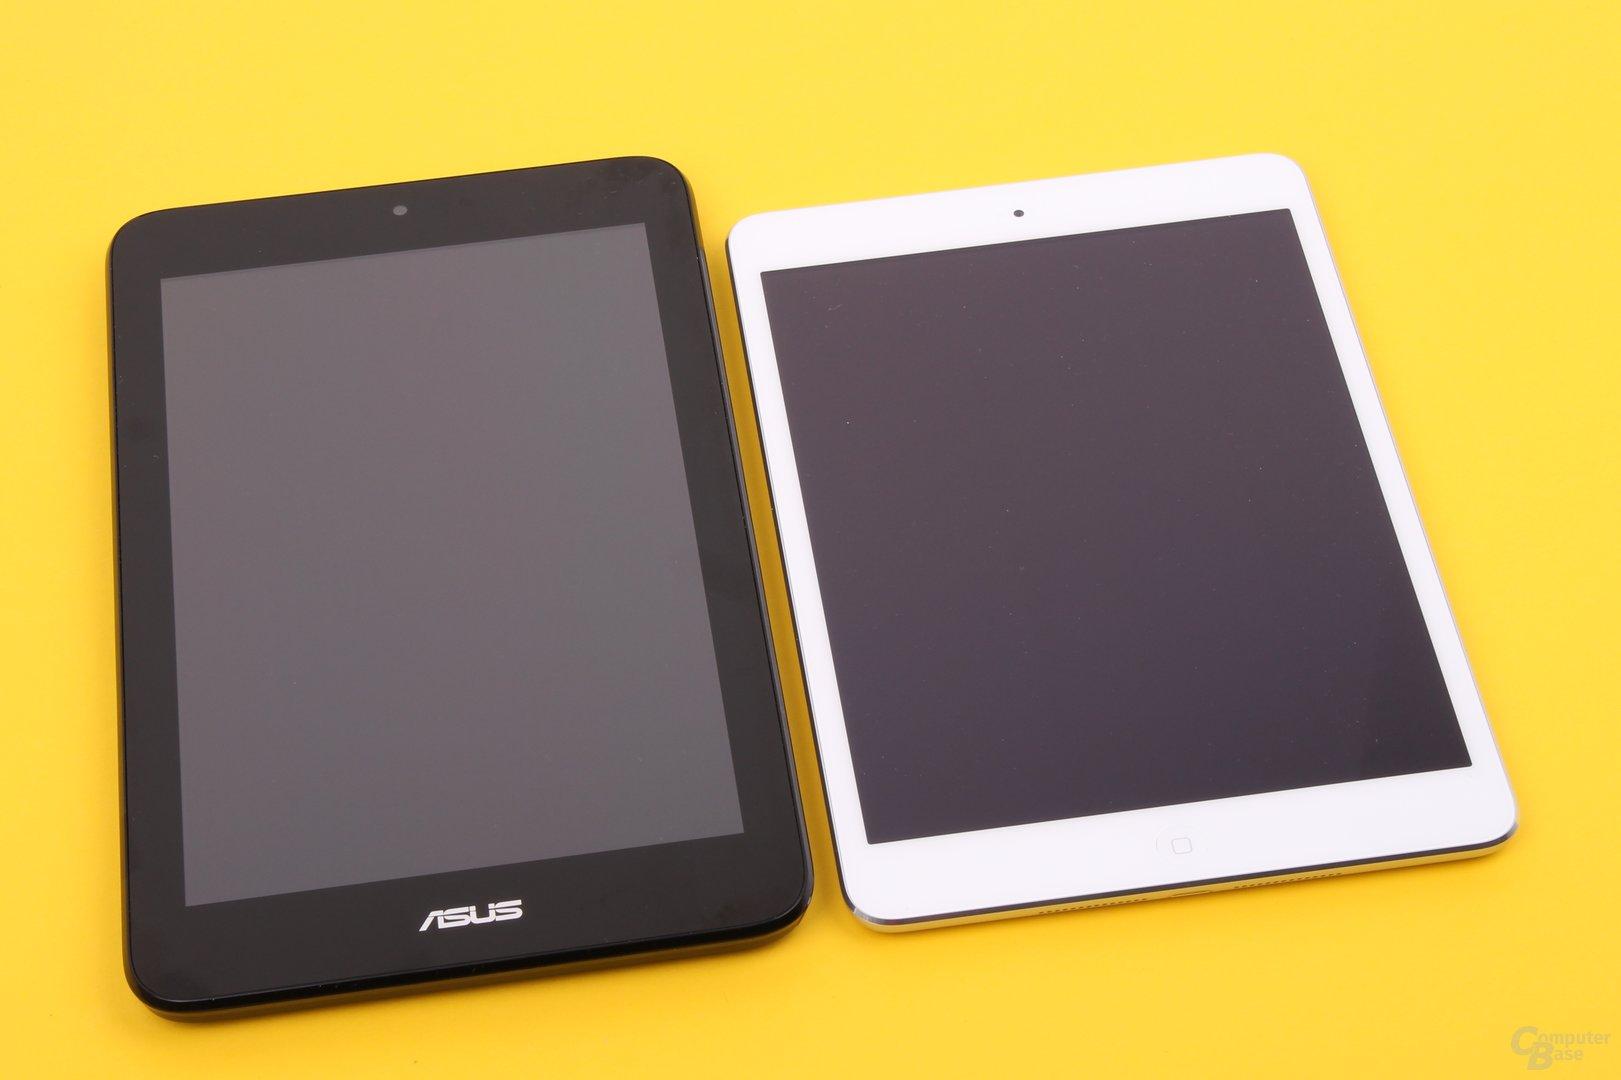 Asus VivoTab Note 8 & Apple iPad mini Retina